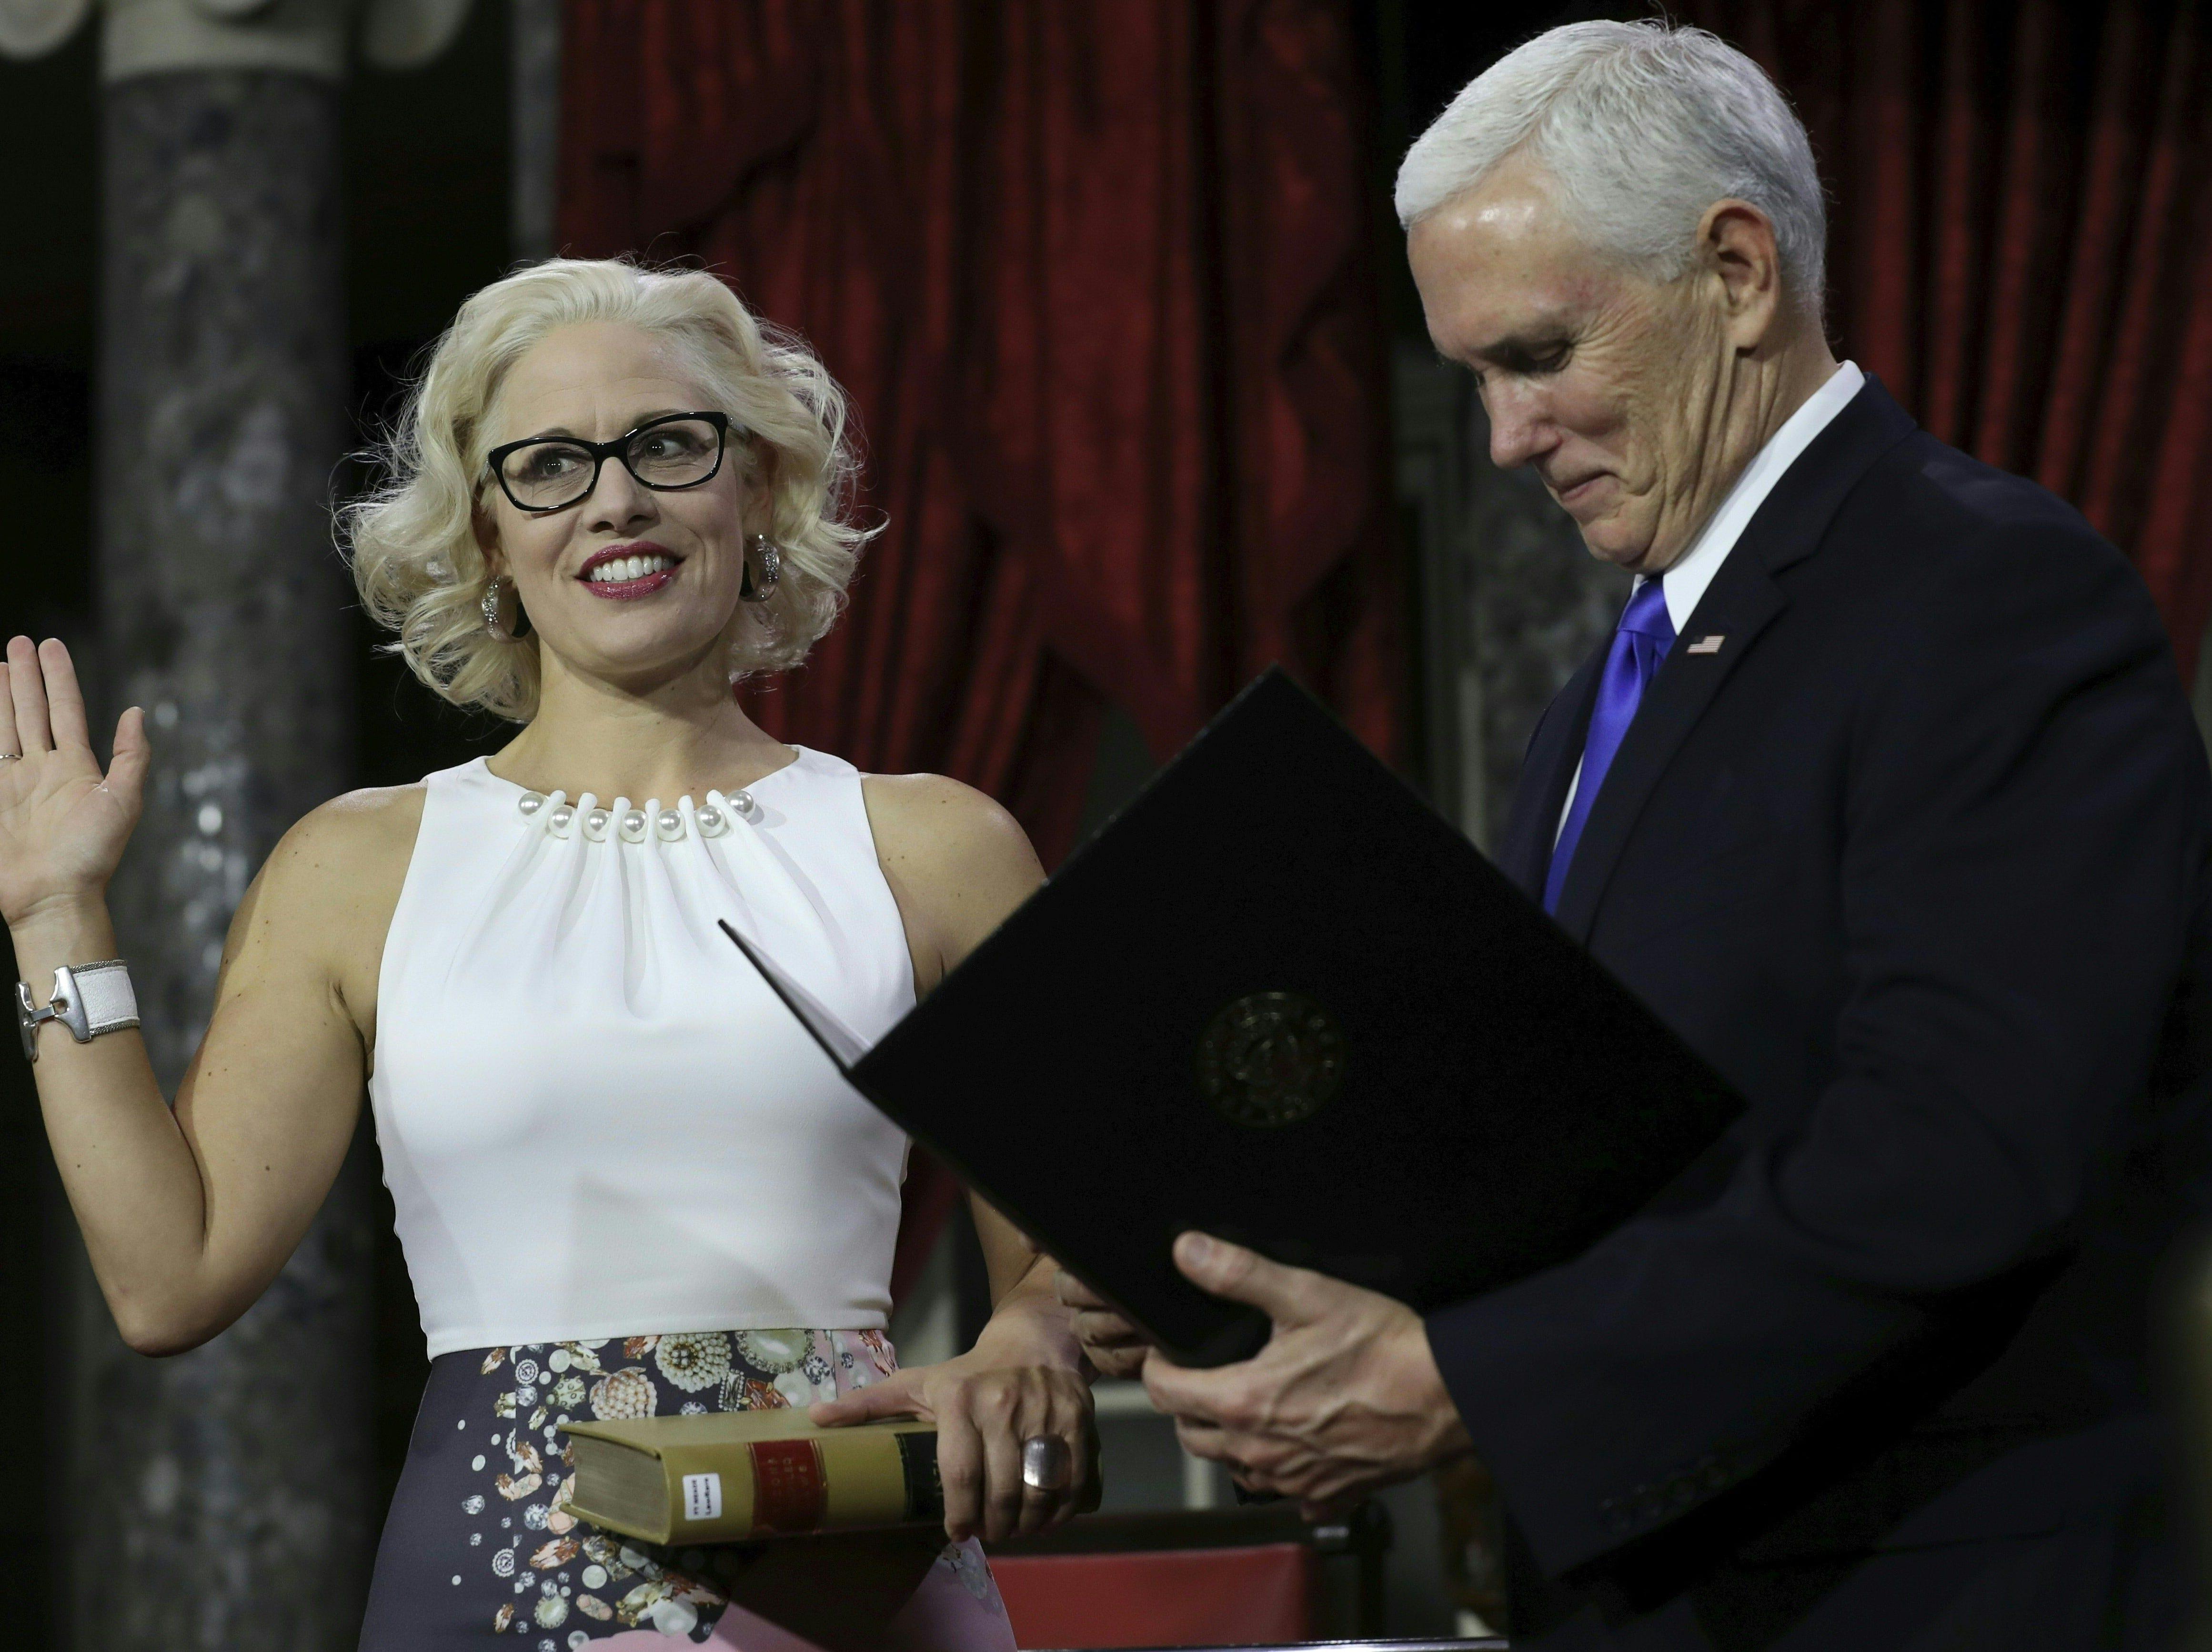 La senadora demócrata por Arizona, Kyrsten Sinema, toma juramento en su nuevo cargo en el congreso federal. Fue el mismo vicepresidente de EEUU quien encabezó la ceremonia en Washington, el 3 de enero del 2019.